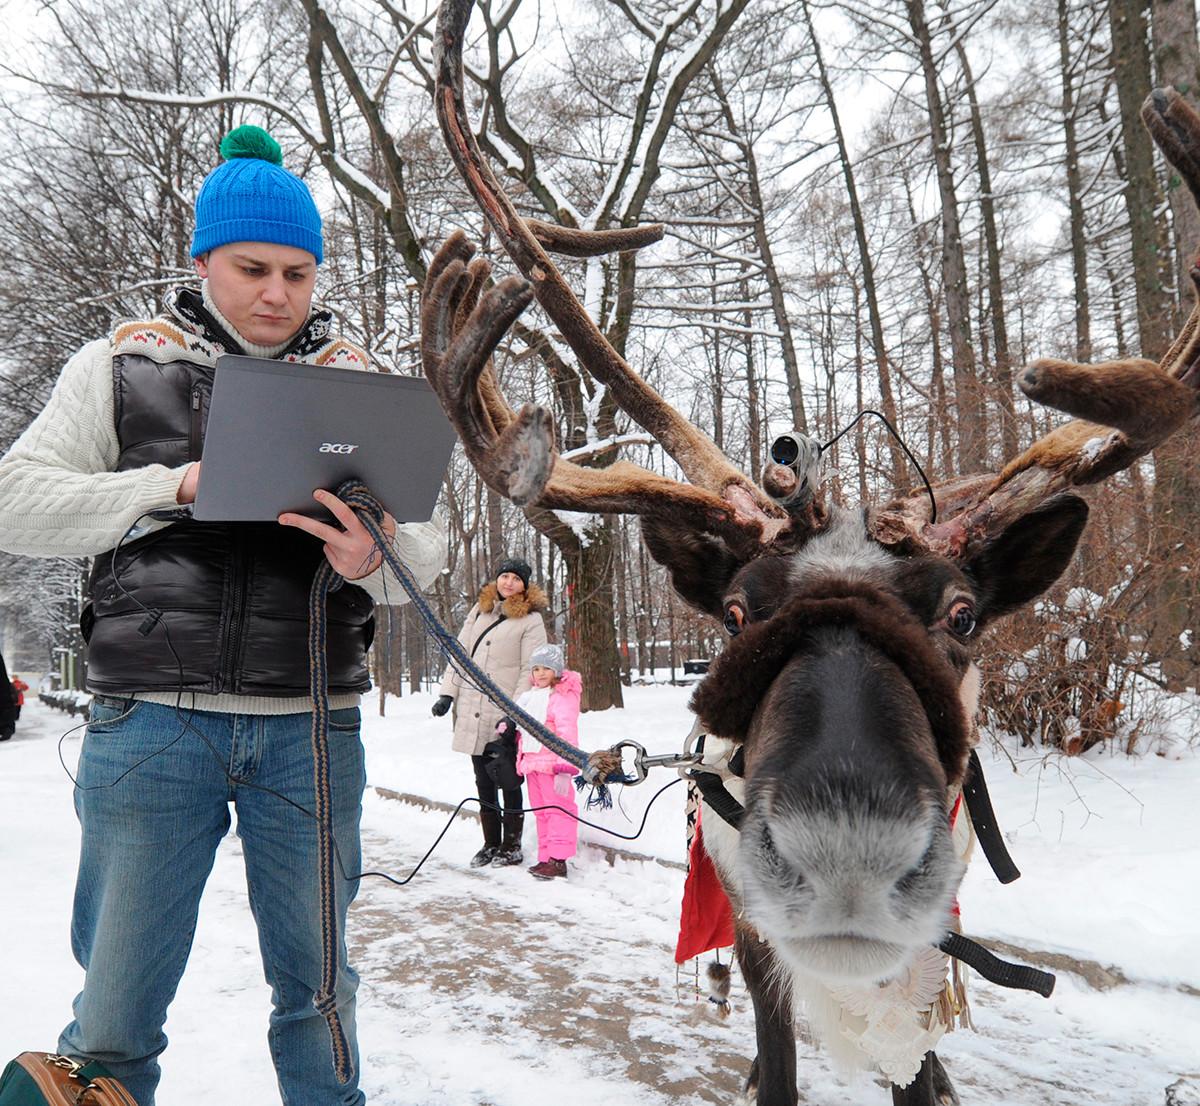 Un homme installant une petite webcam sur la tête d'un renne pour montrer un jour dans la vie de l'animal à travers ses propres yeux